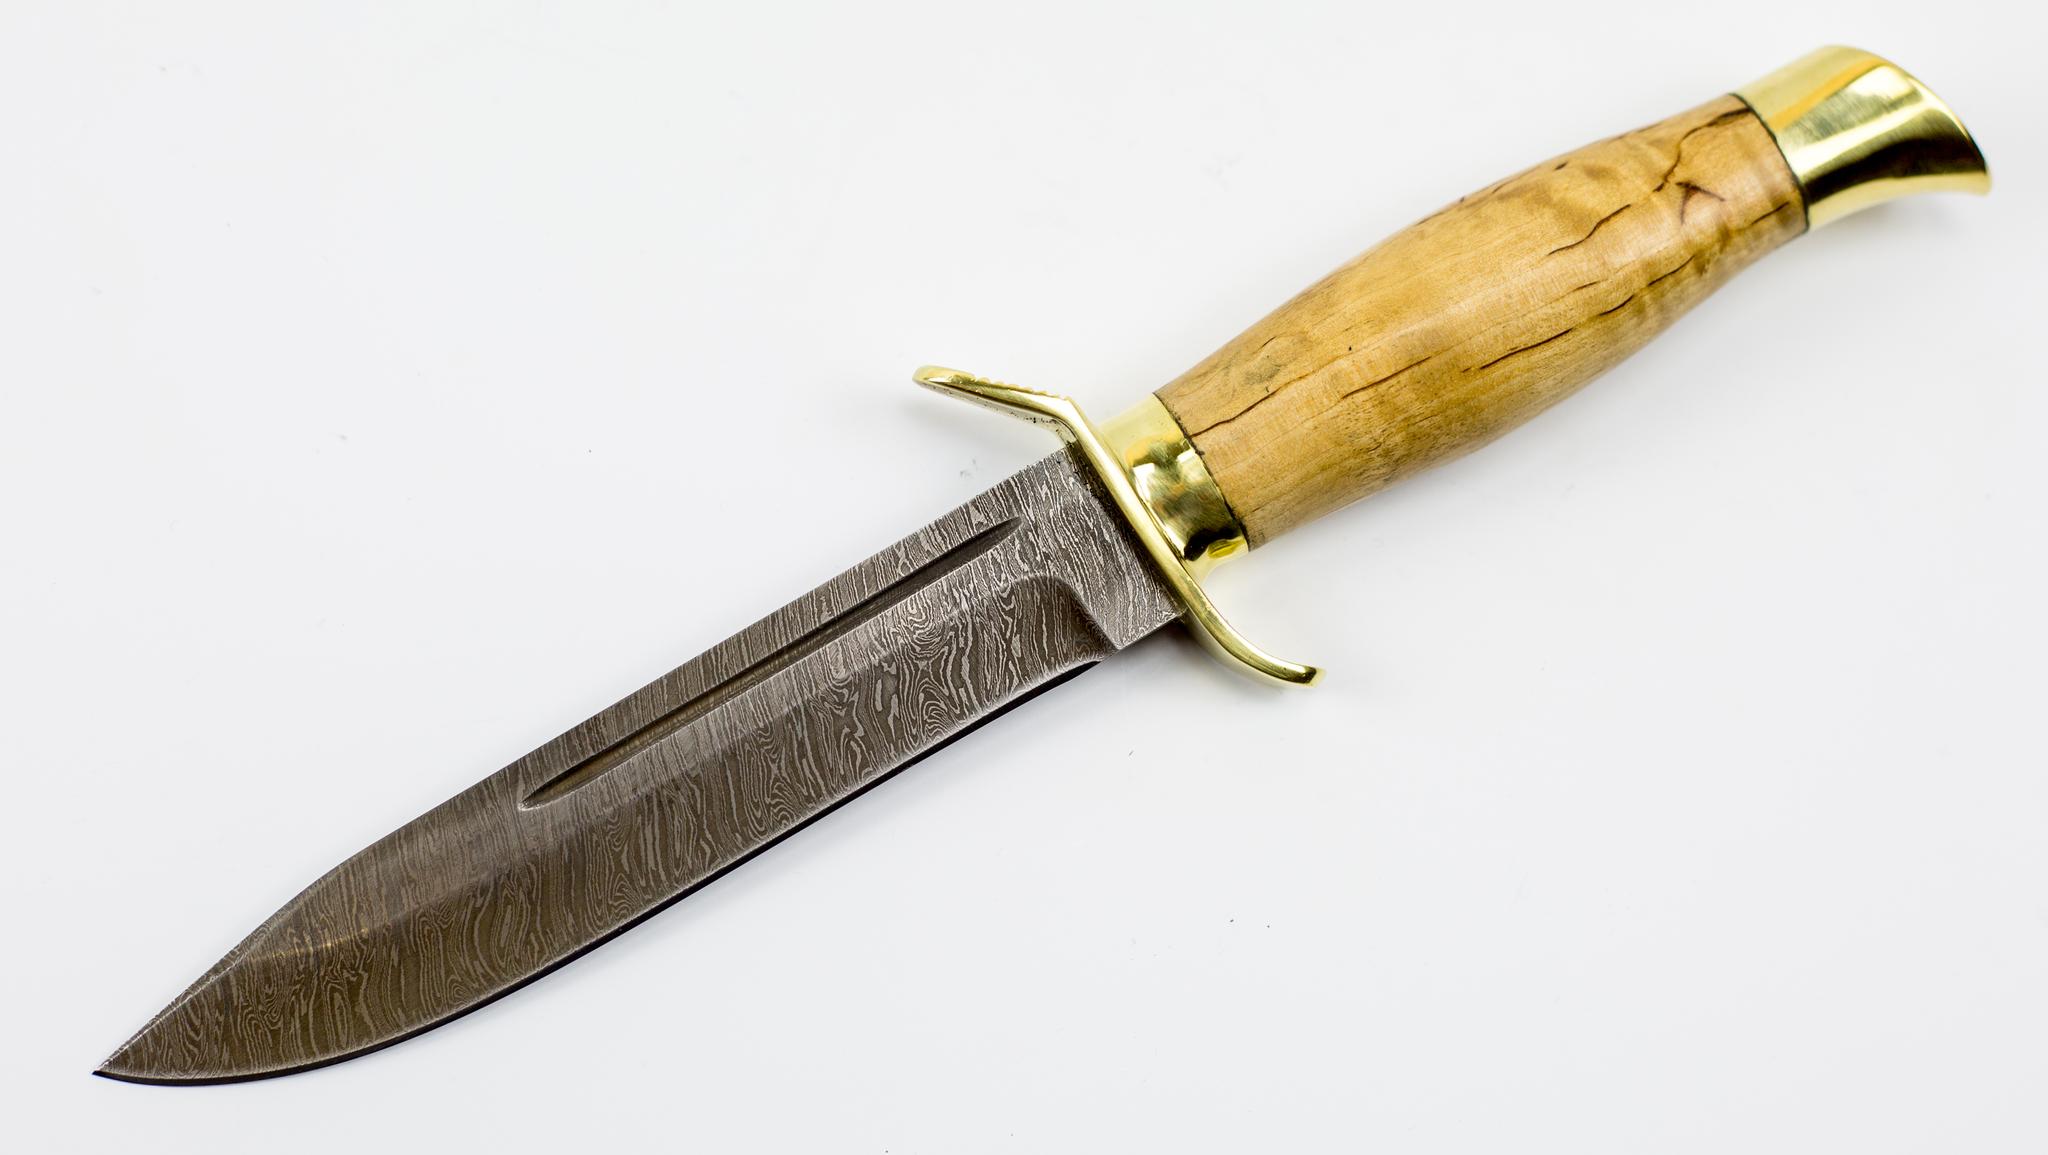 Нож НР-40 дамаск, карельска березаНожи разведчика НР, Финки НКВД<br>Модель: НР-40Сталь клинка: ДамаскМатериал гарды:ЛатуньМатериал рукоти: Карельска березаТвердость клинка (HRC): 62Обща длина (мм): 270Длина клинка (мм): 150Длина рукоти (мм): 117Ширина клинка (мм): 24Толщина рукоти (мм): 23Толщина обуха (мм): 2,4<br>Смотреть все ножи разведчика НР и финки НКВД.<br>